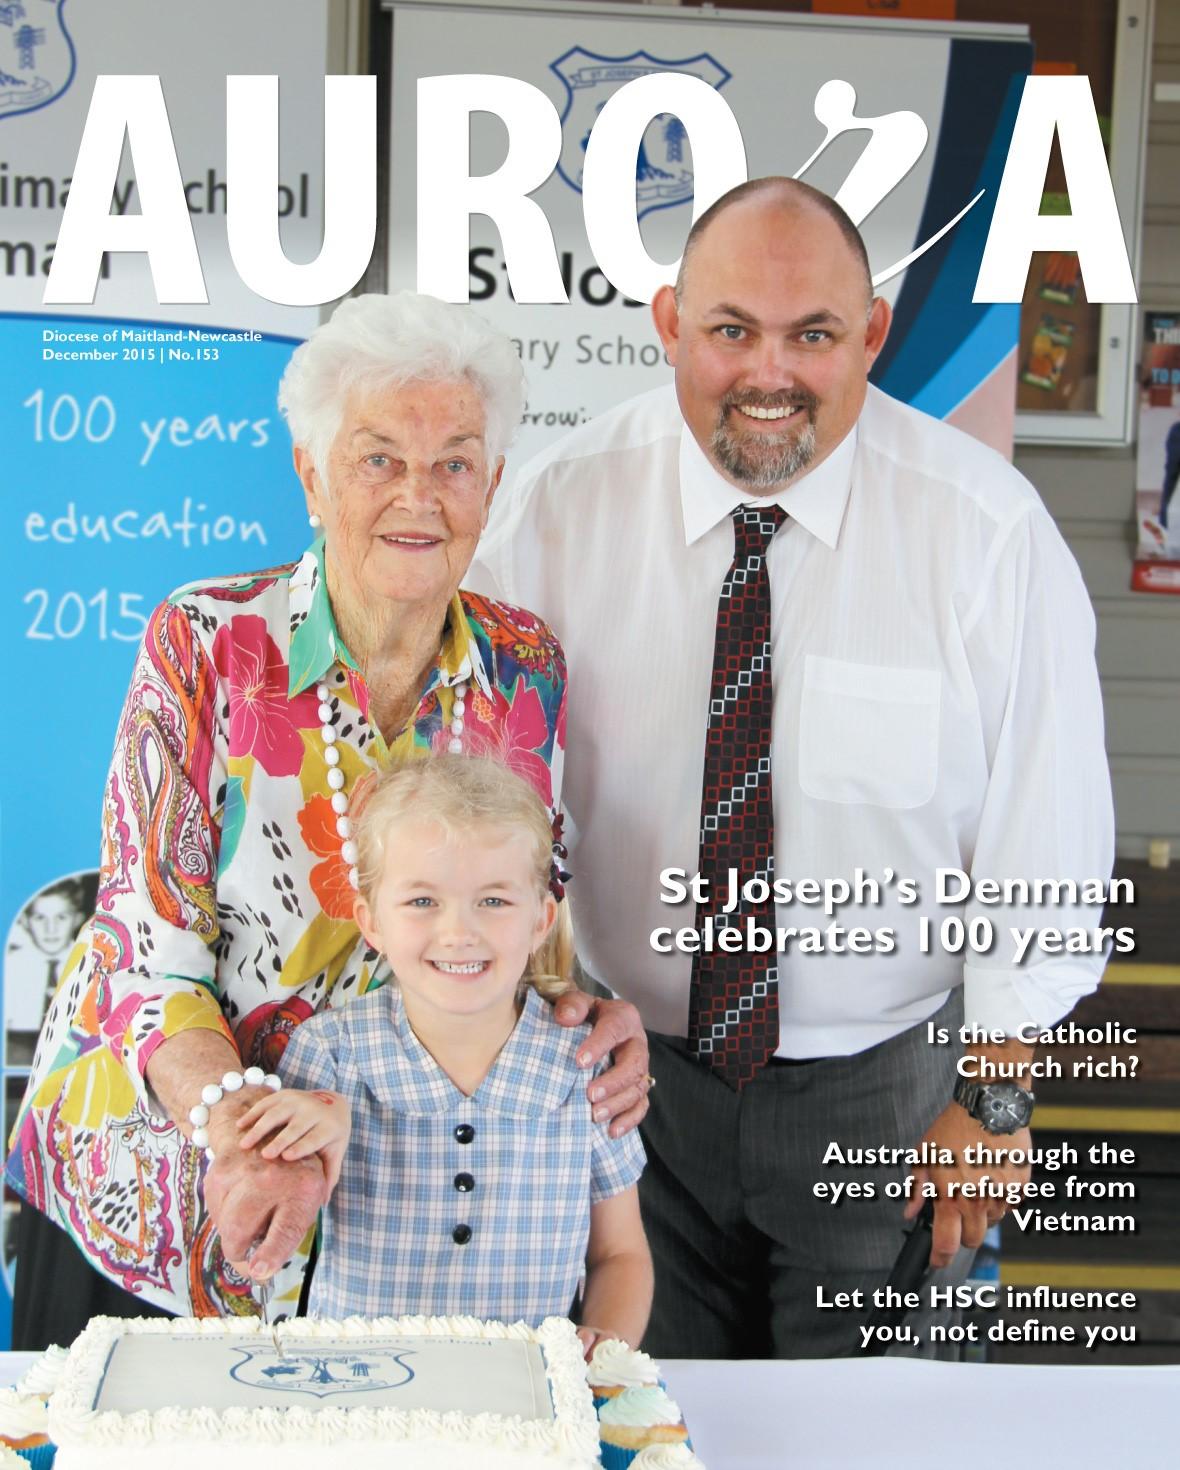 Aurora December 2015 Cover Image